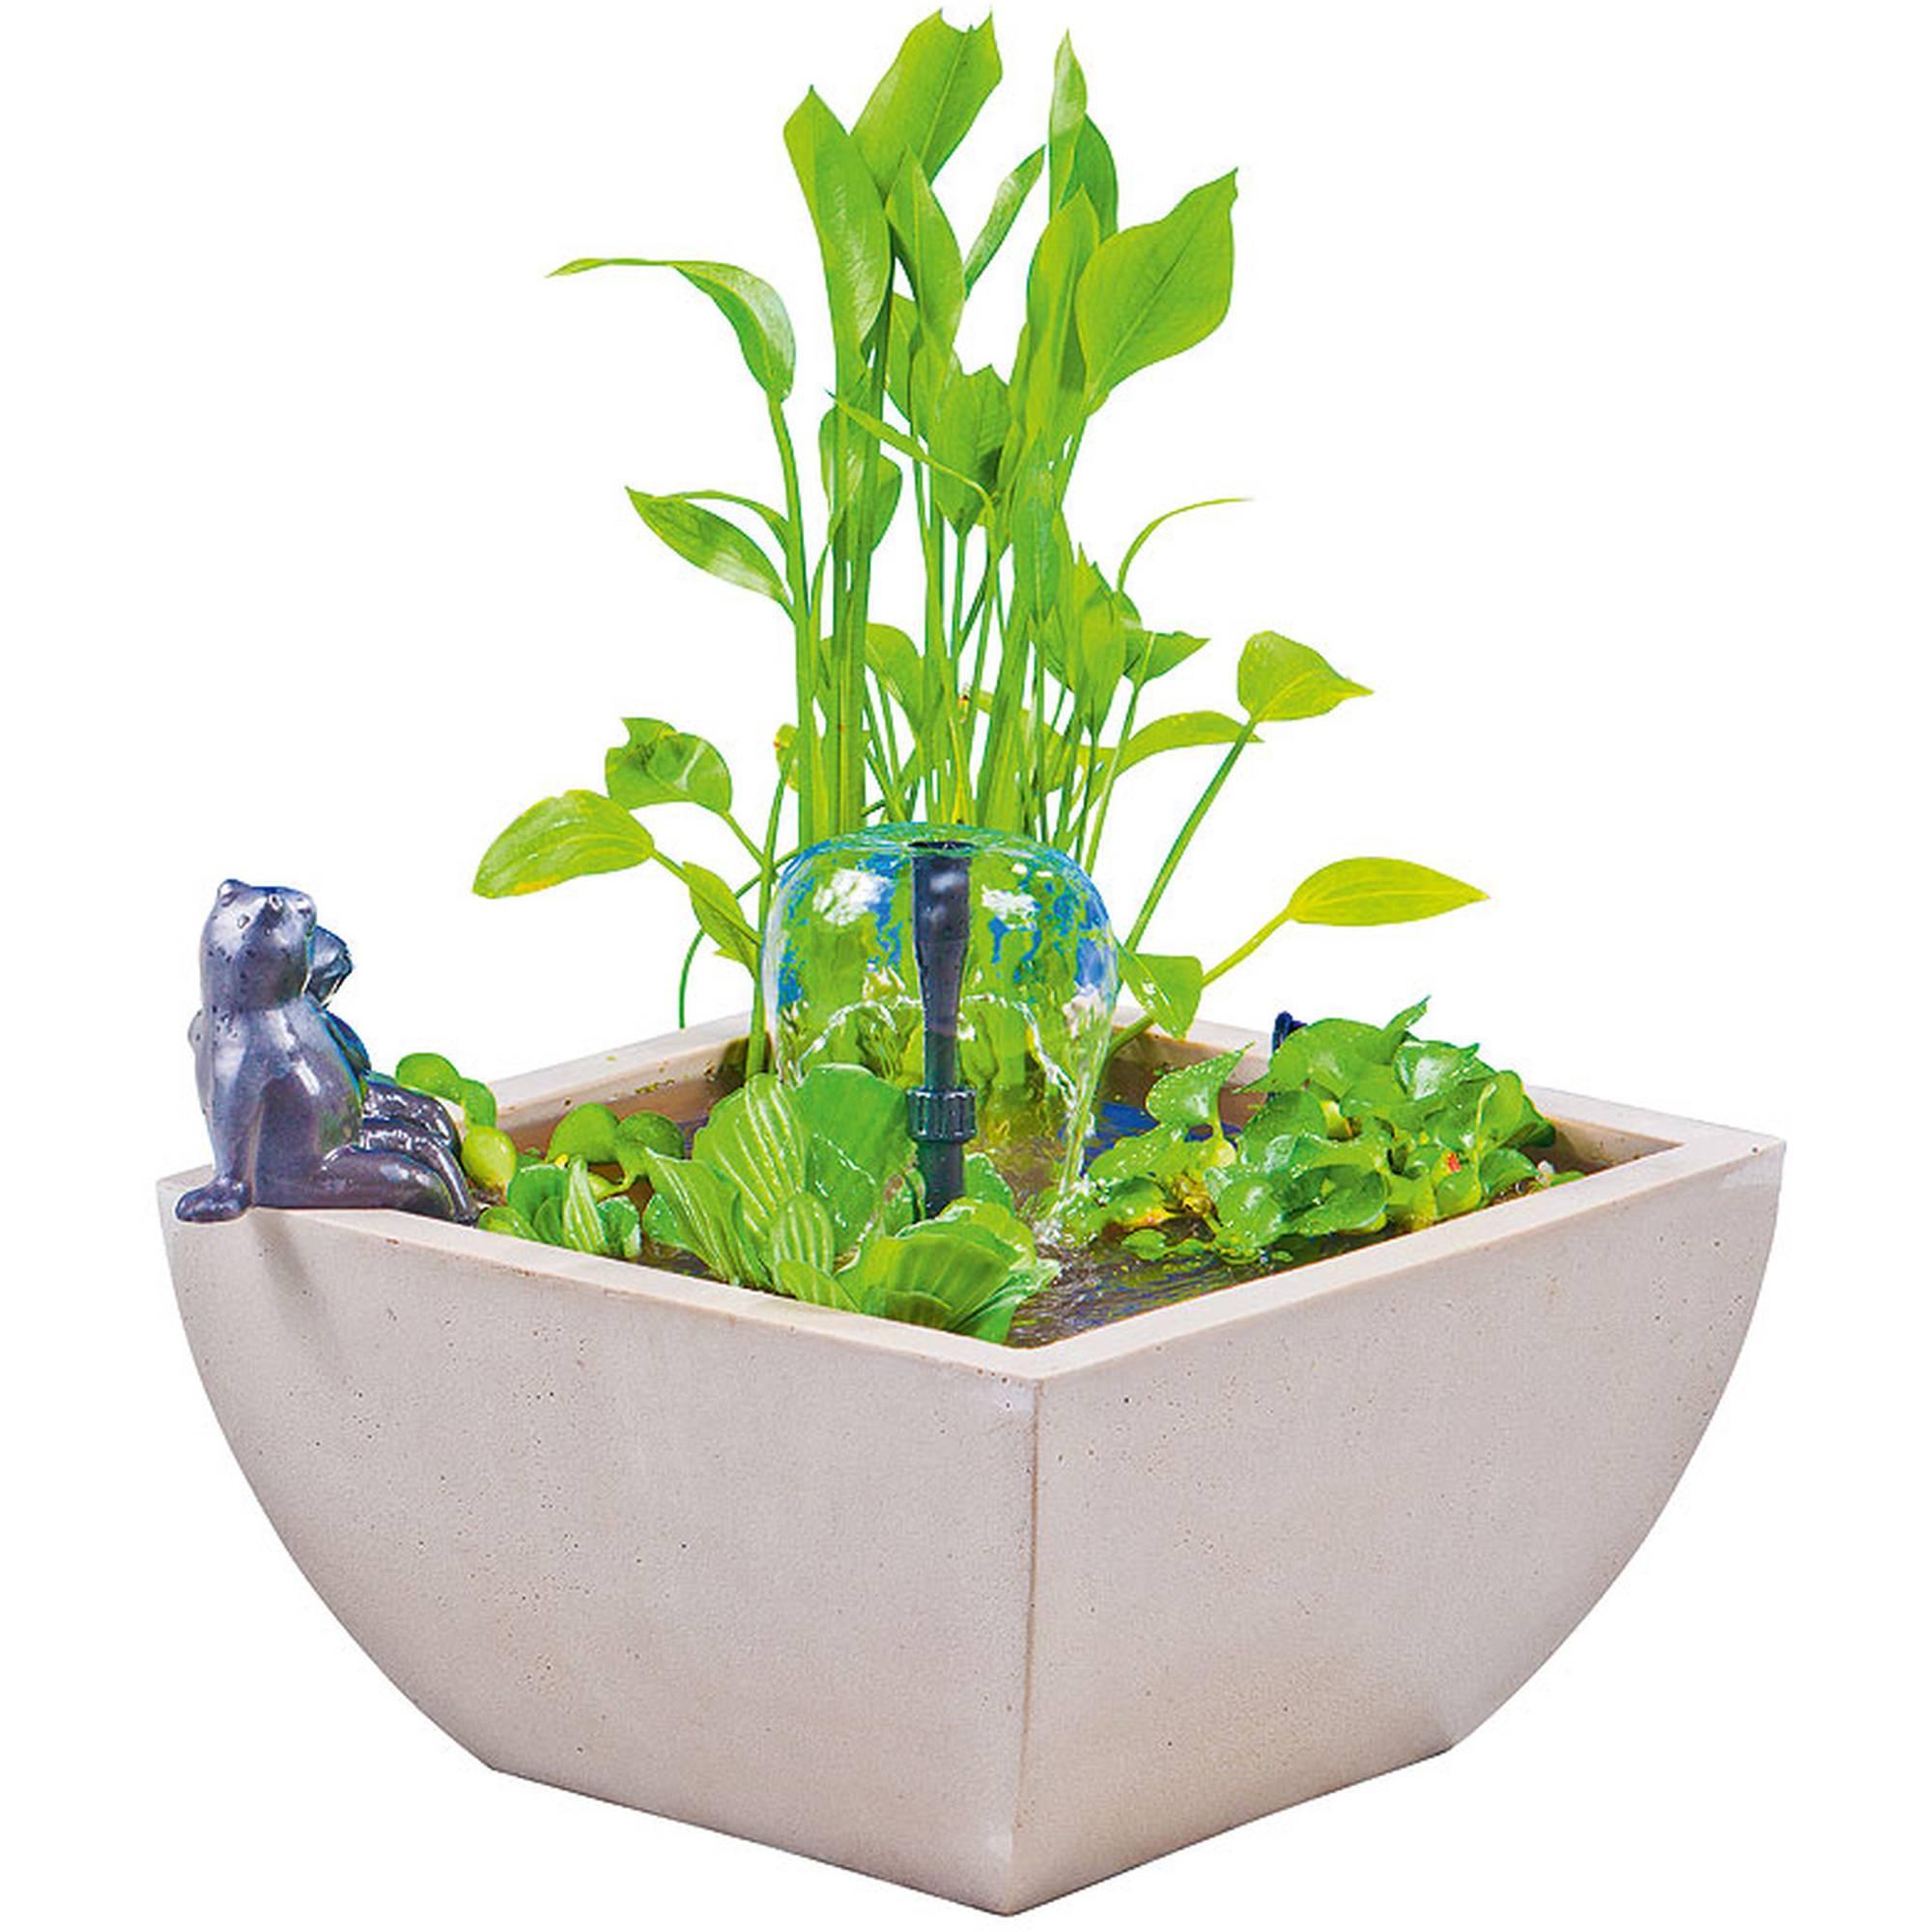 Wassergarten groß, rechteckig, weiss mit Froschfigur schwarz (Froschpaar)